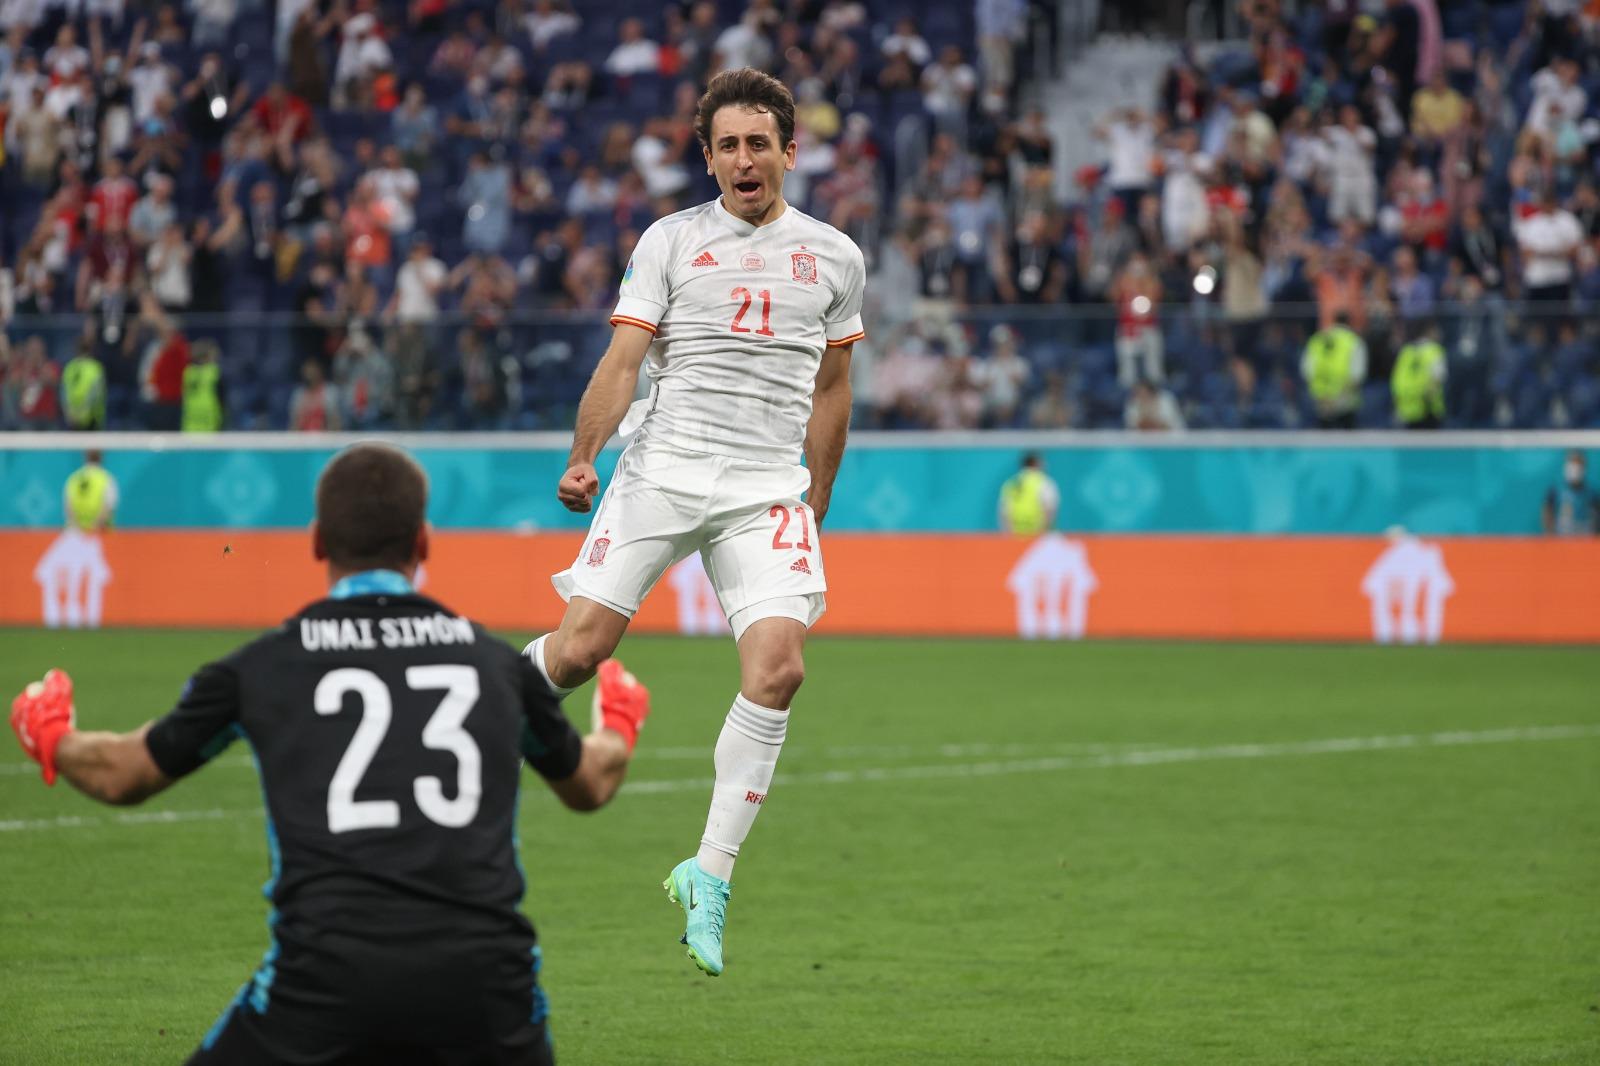 Những Simon, Oyarzabal ... đều toả sáng, gặt hái vinh quang ở cấp độ trẻ trước khi được Enrique trọng dụng, làm nên thành công cho Tây Ban Nha tại Euro 2021. Ảnh: RFEF